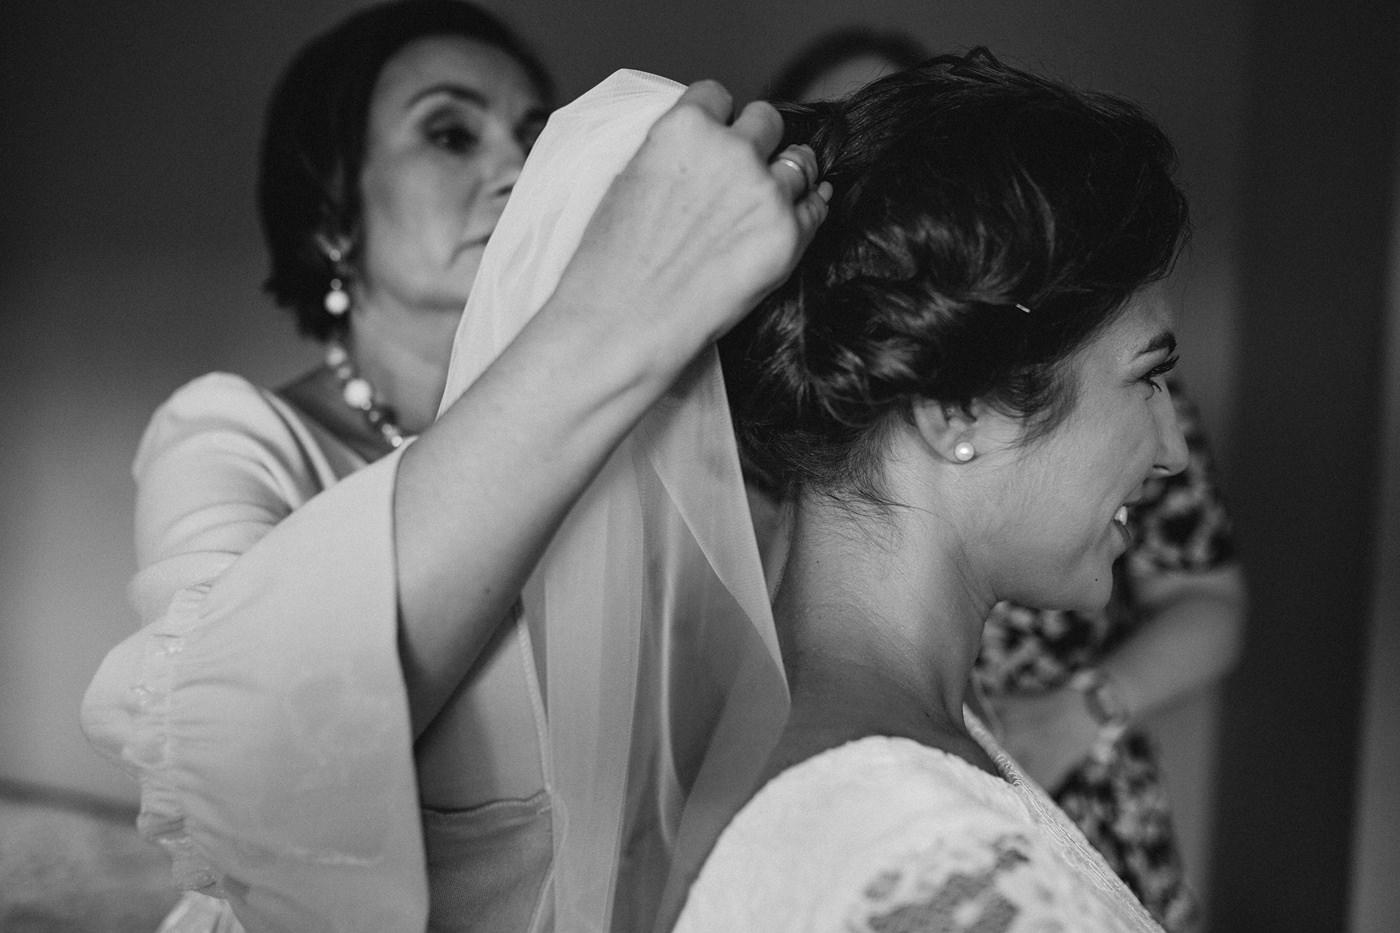 Dominika & Aleksander - Rustykalne wesele w stodole - Baborówko 8